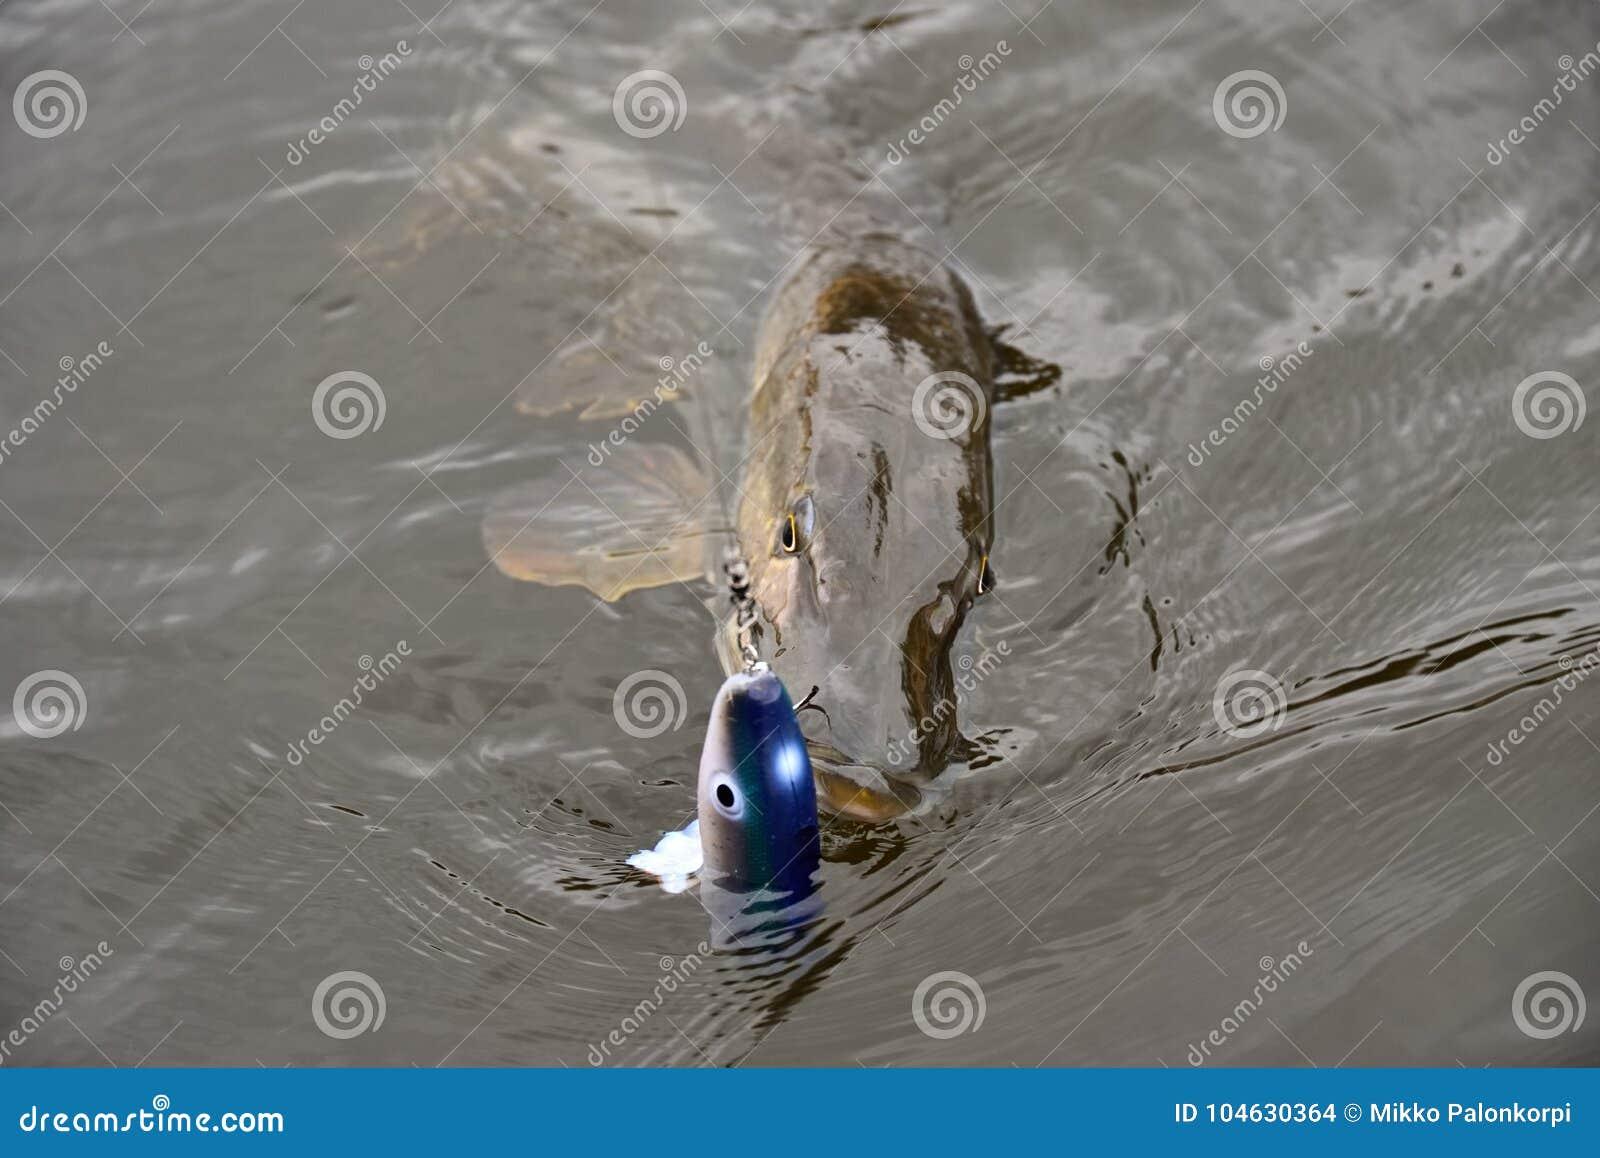 Download Vers Gevangen Snoeken Die Met Vastgehaakt Paddletail Snoekenkaliber Zwemmen In Zijn Mond Stock Foto - Afbeelding bestaande uit vers, daling: 104630364